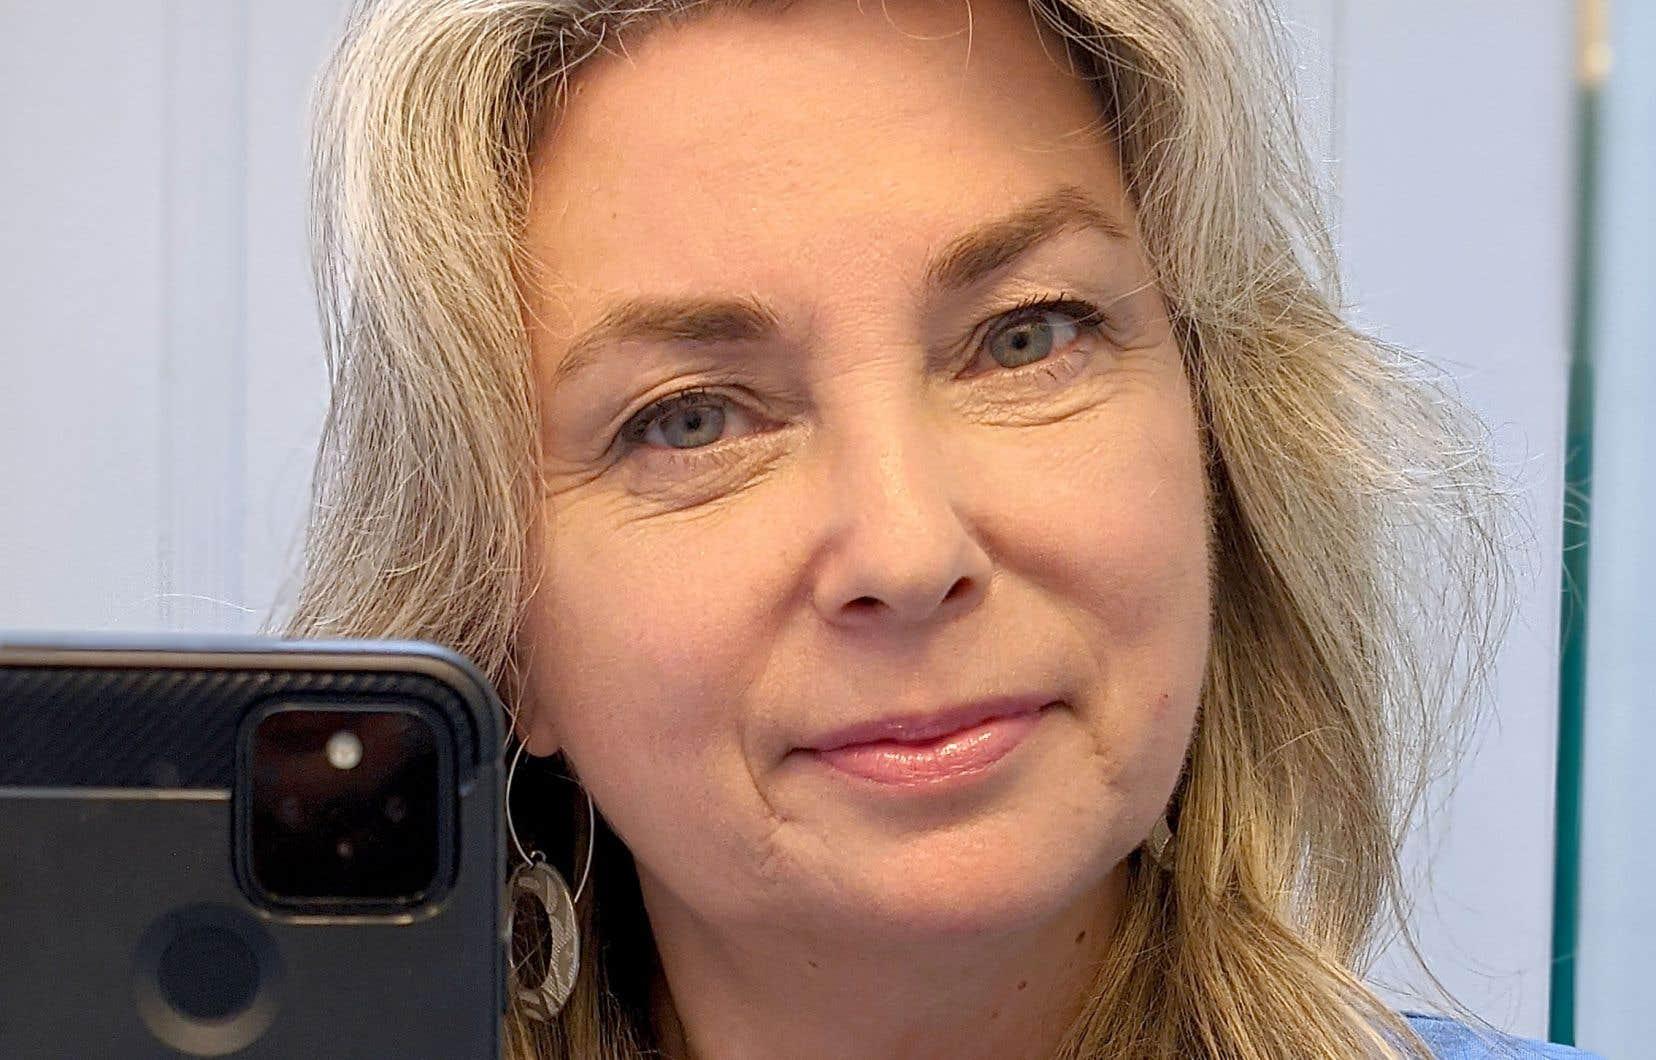 Monika Ille, directrice générale du Réseau de télévision des peuples autochtones du Canada, connu sous le sigle APTN